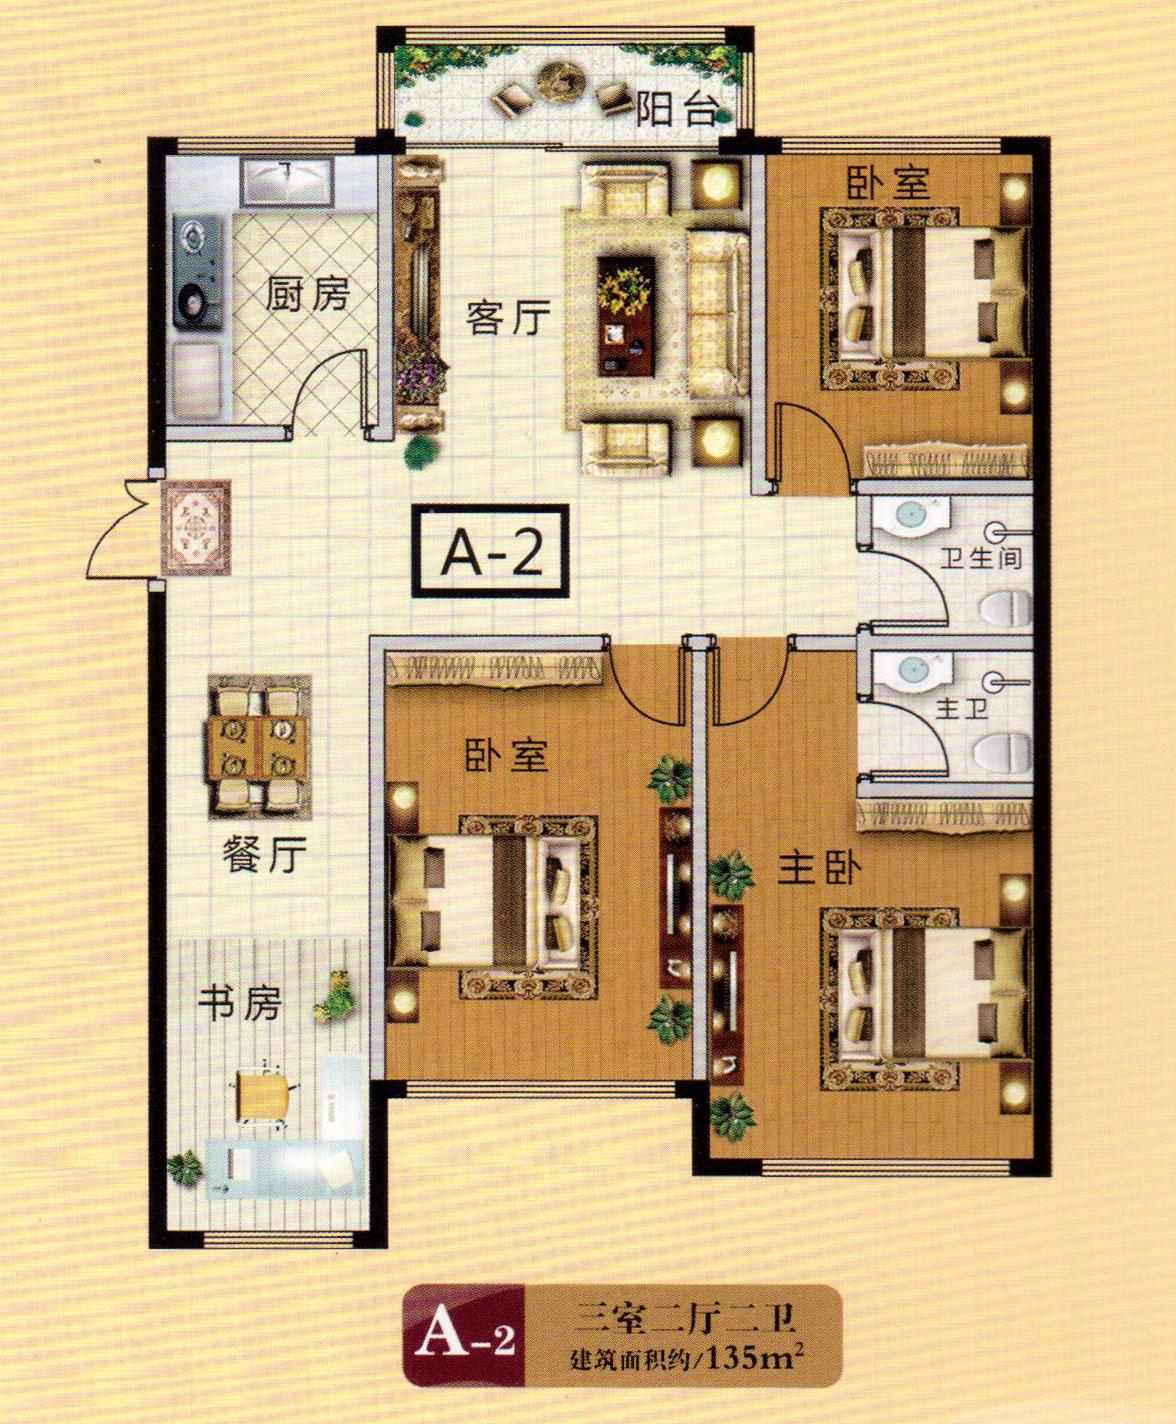 17米乘11米房屋设计图